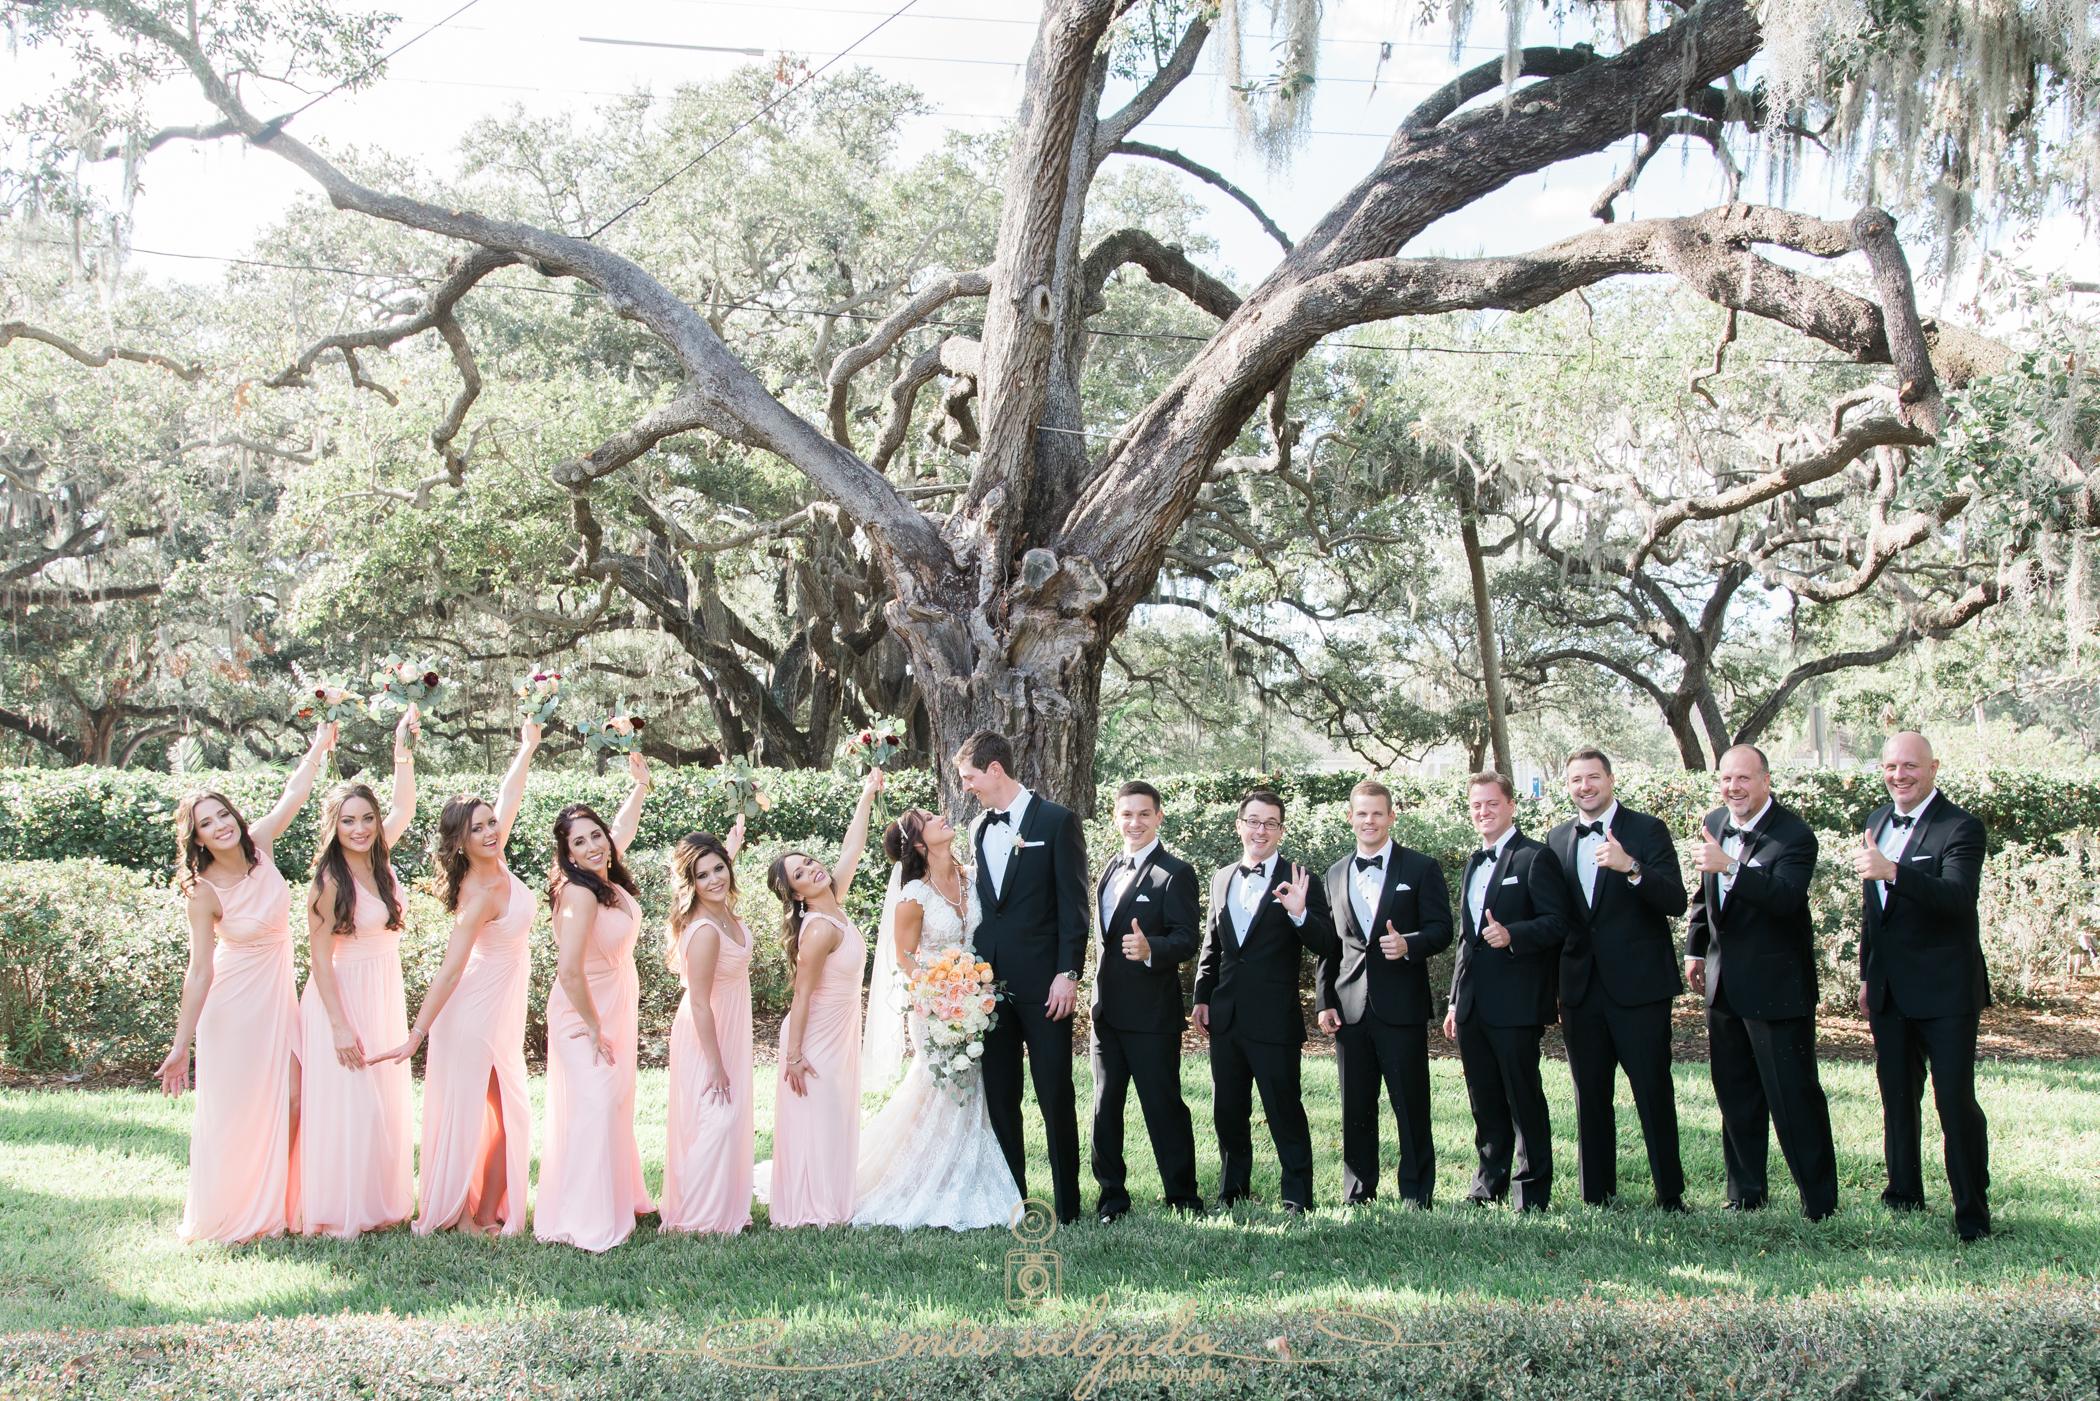 Tampa-wedding-photo, Tampa-weddings, Tampa-wedding-photographer